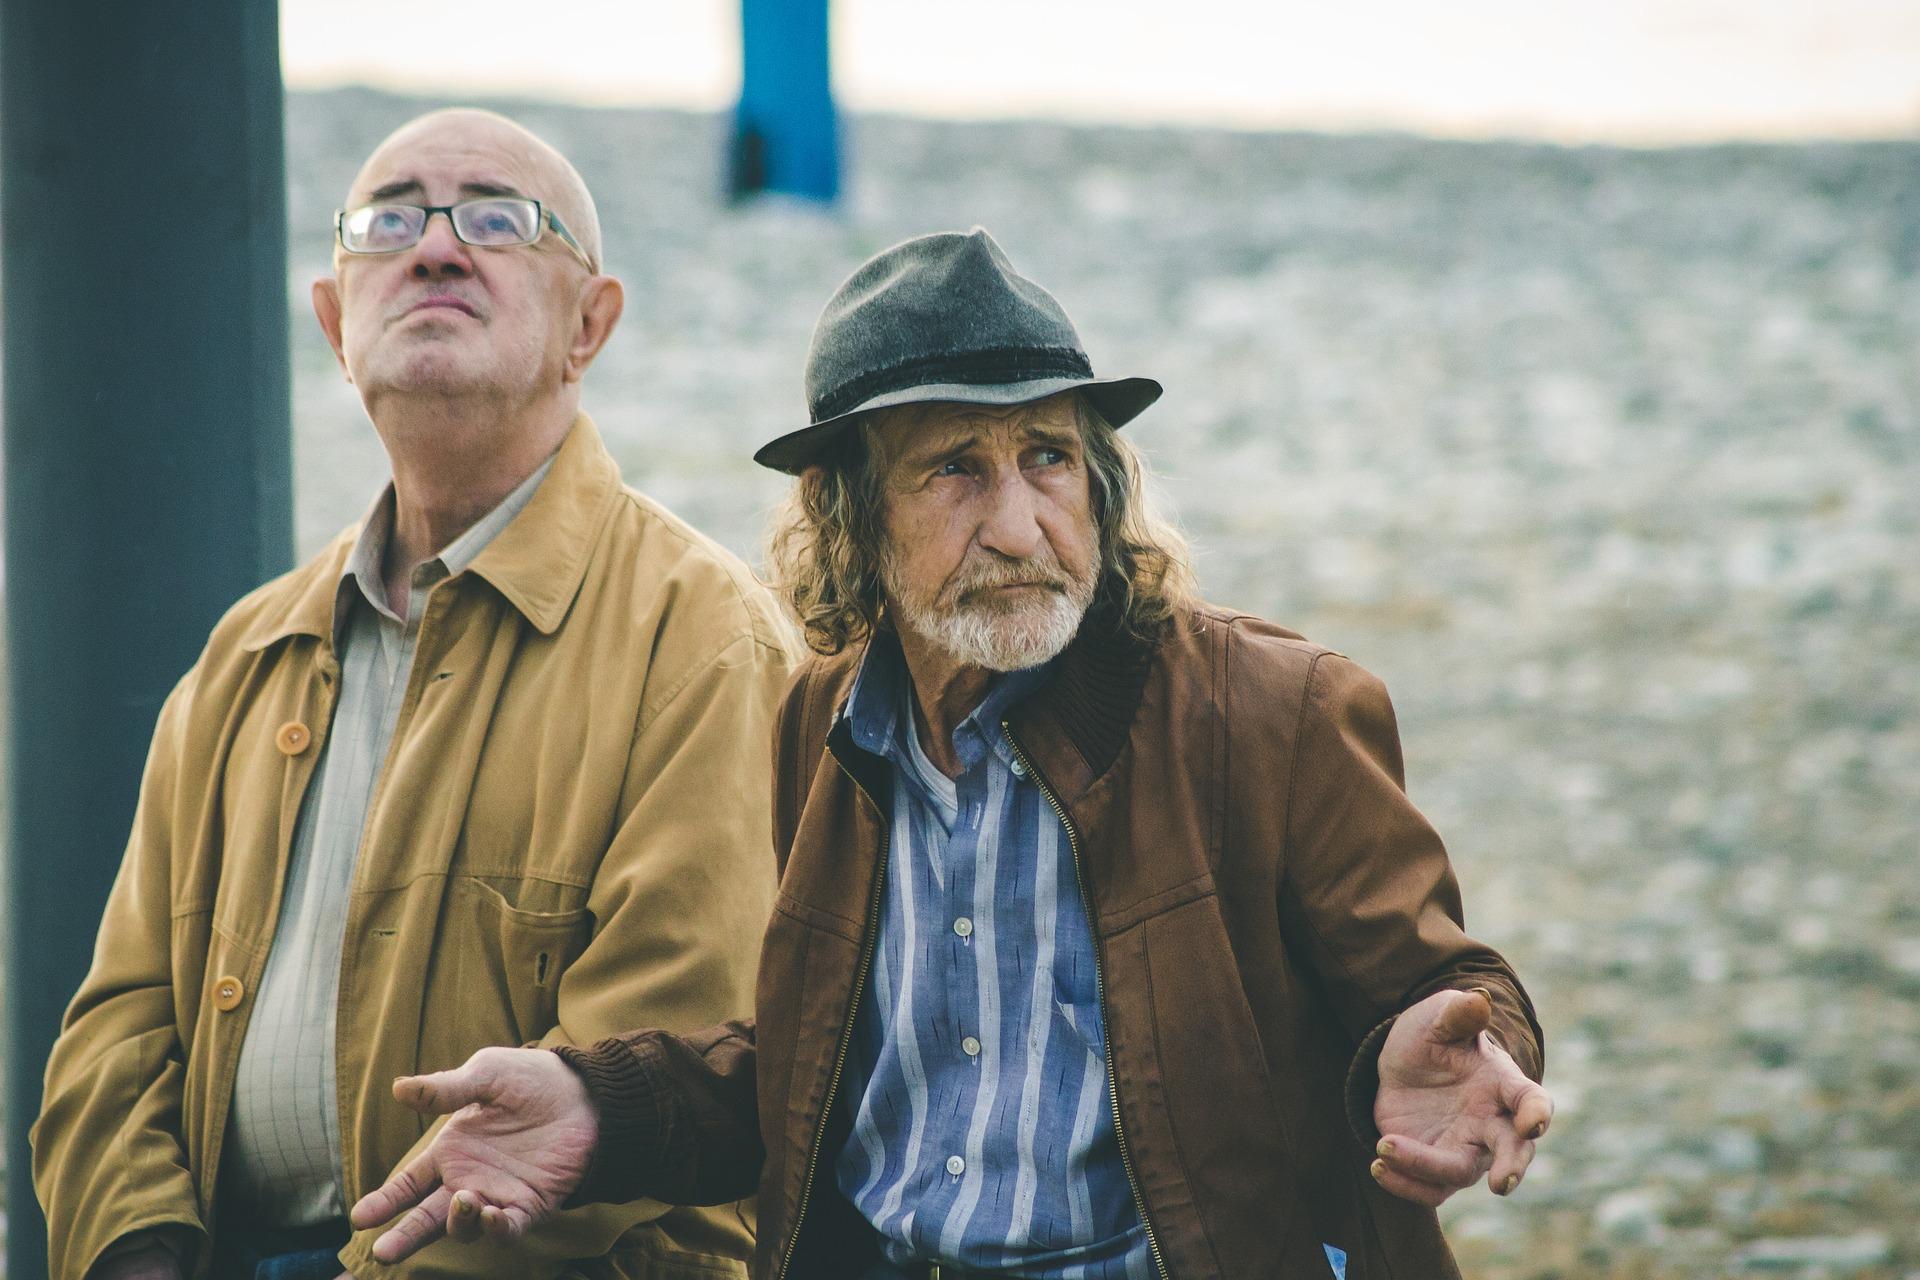 кредитовать пенсионеров https://grosh-blog.ru